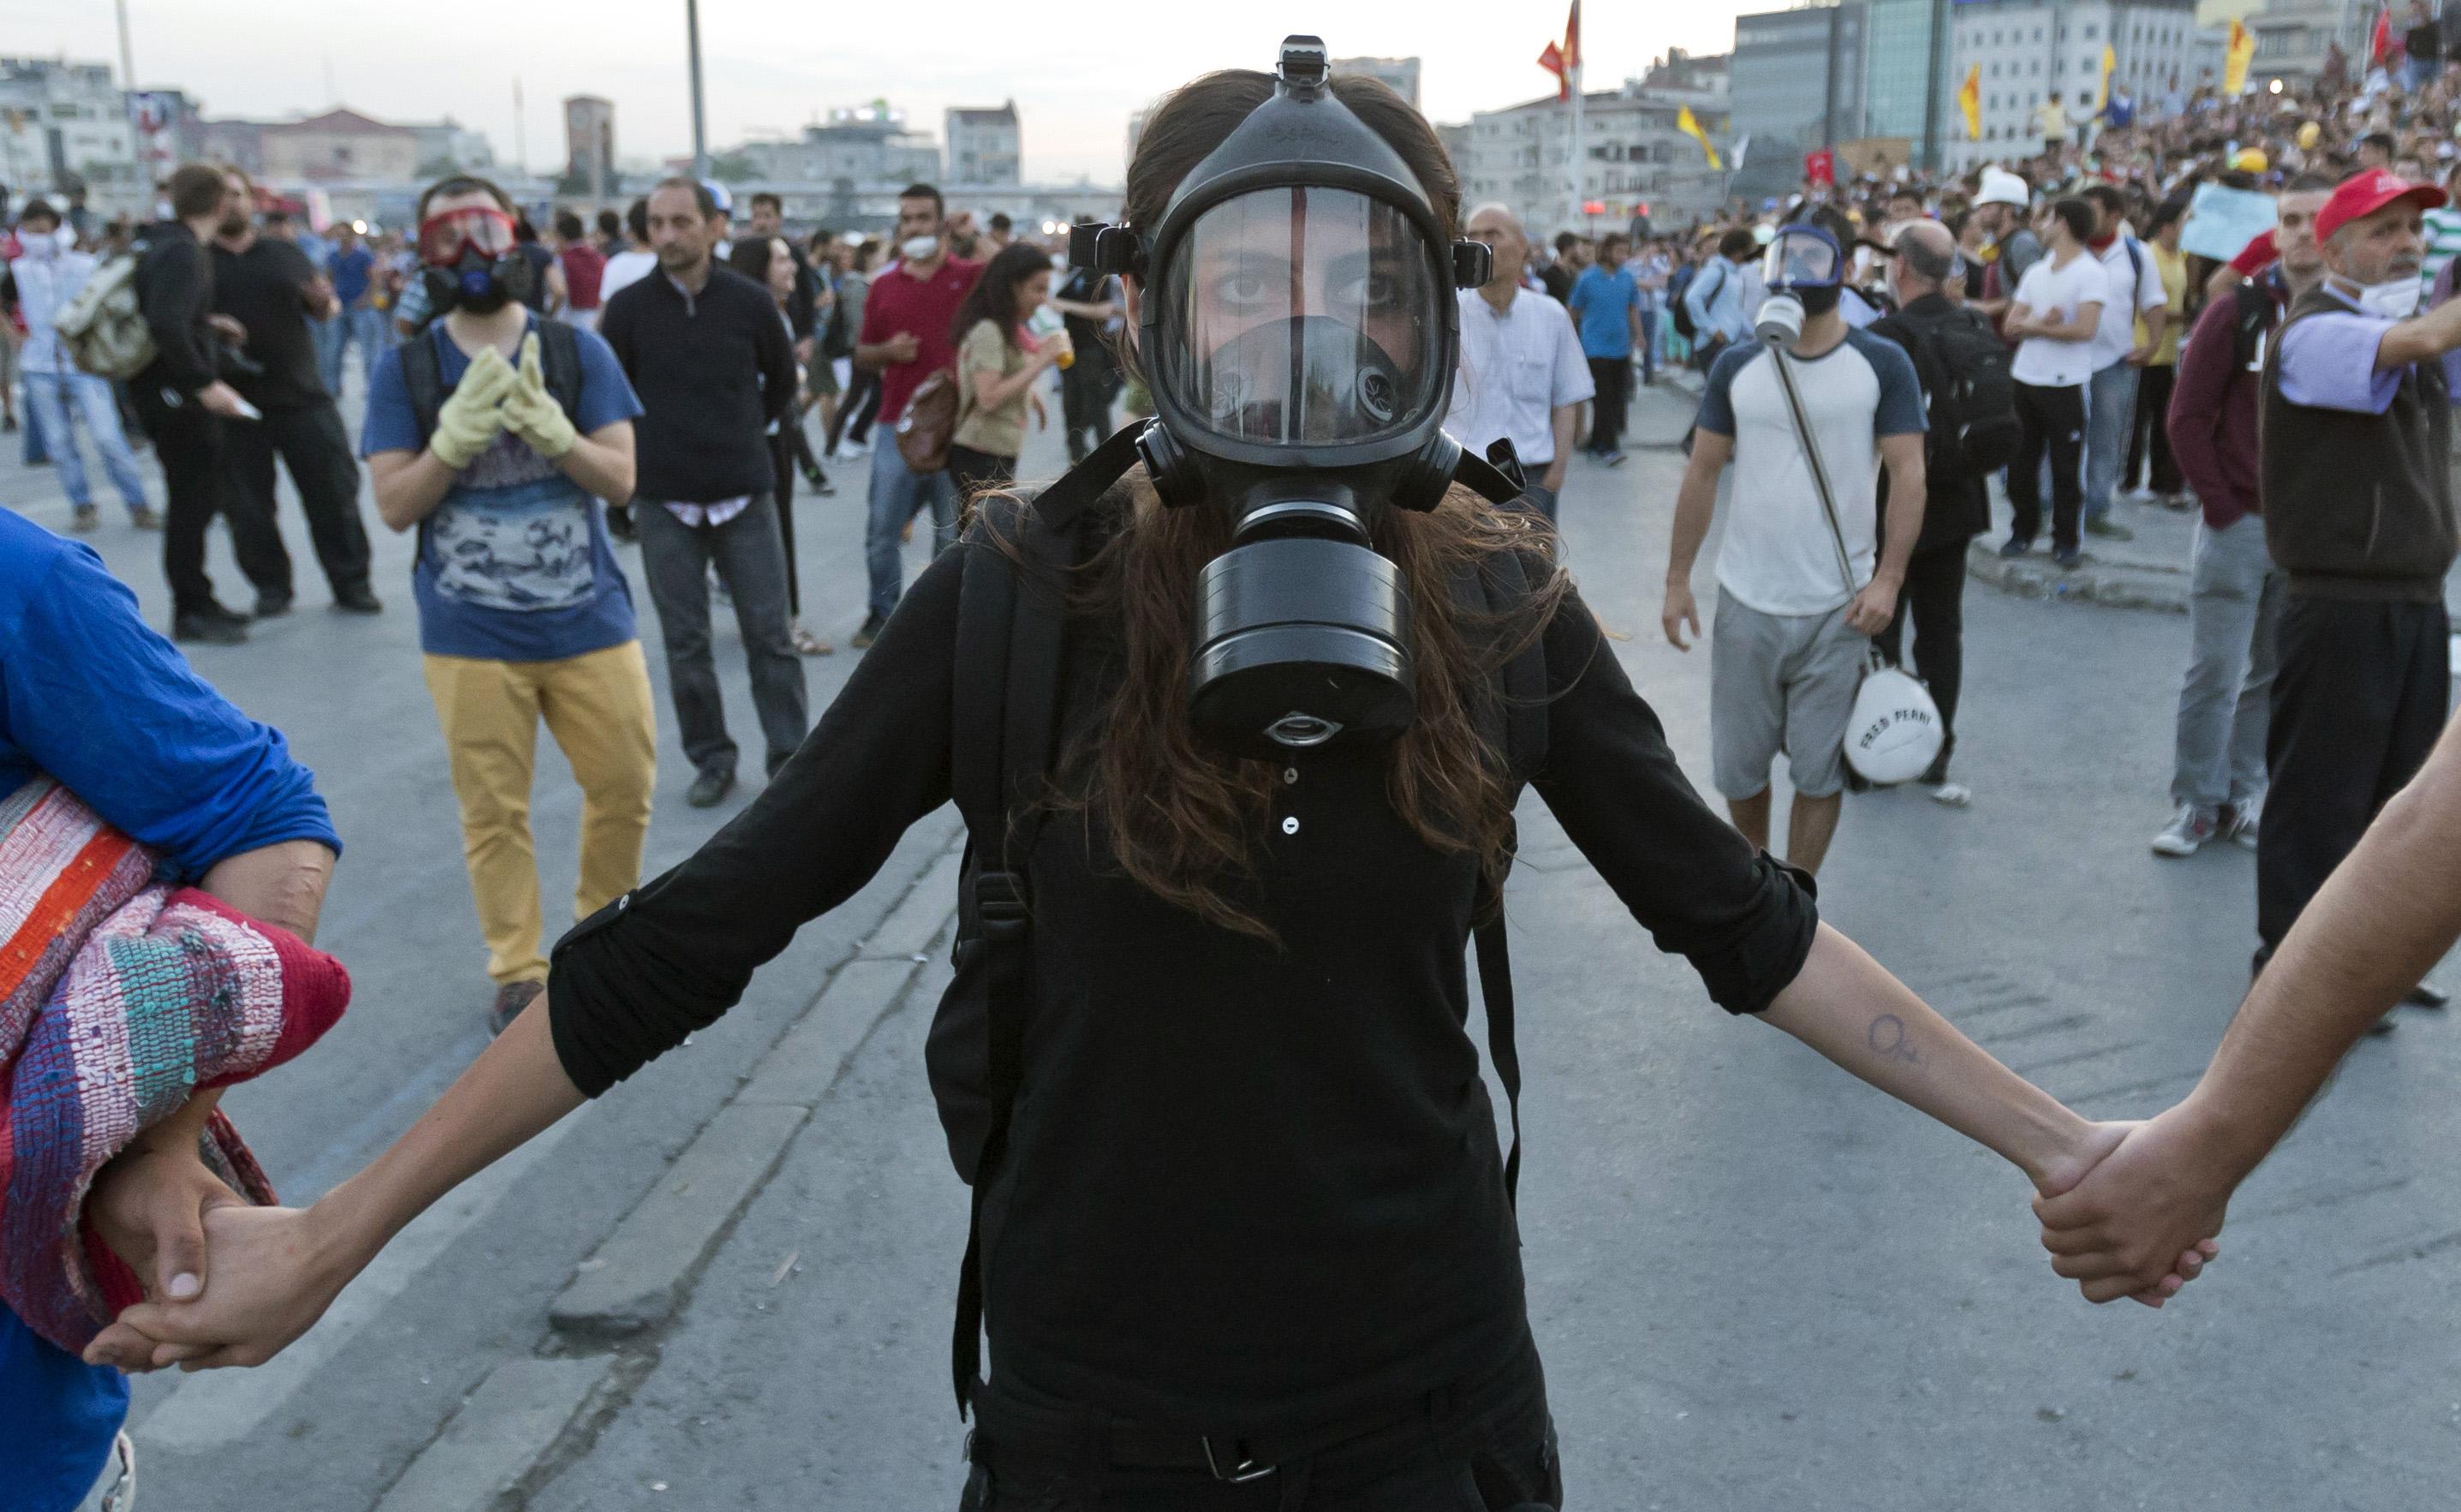 وضعیت حقوق بشر در ترکیه وخیم است